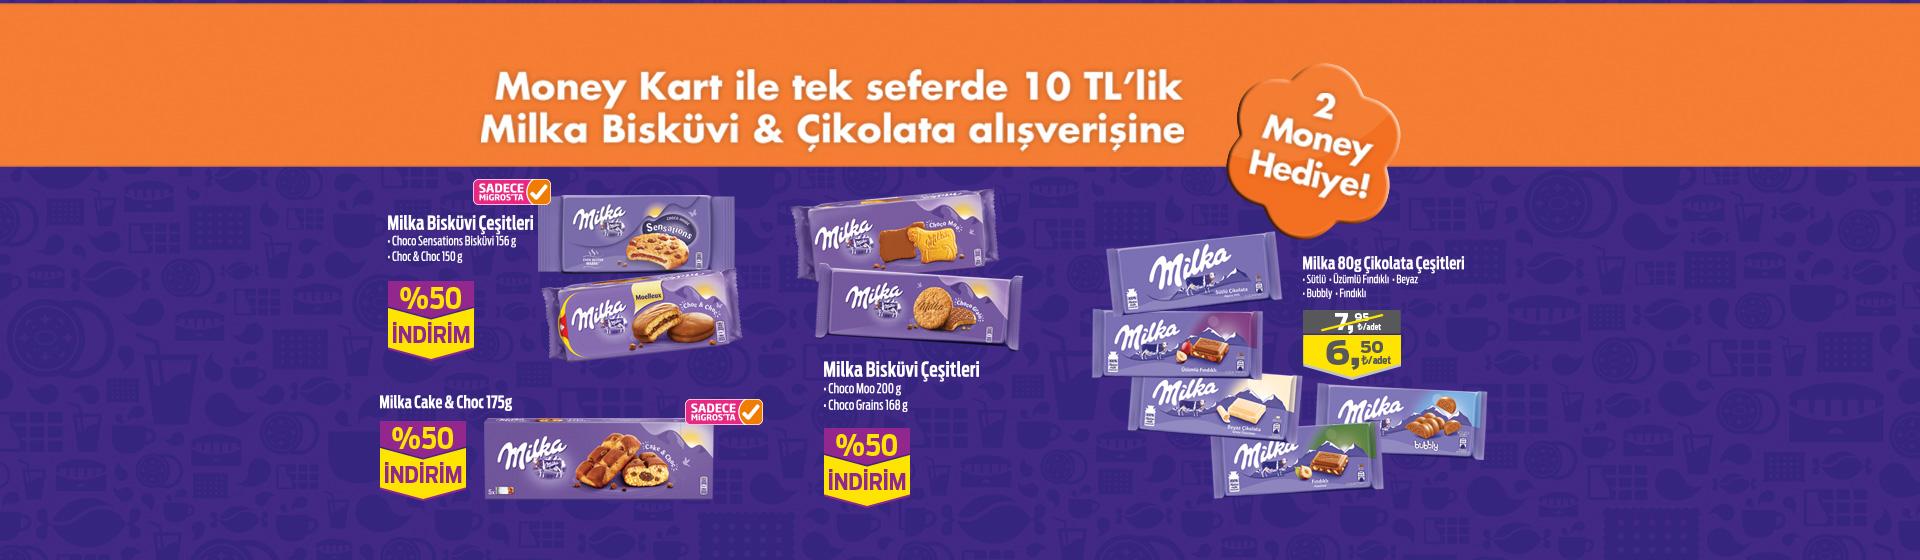 Milka Money Kampanyası